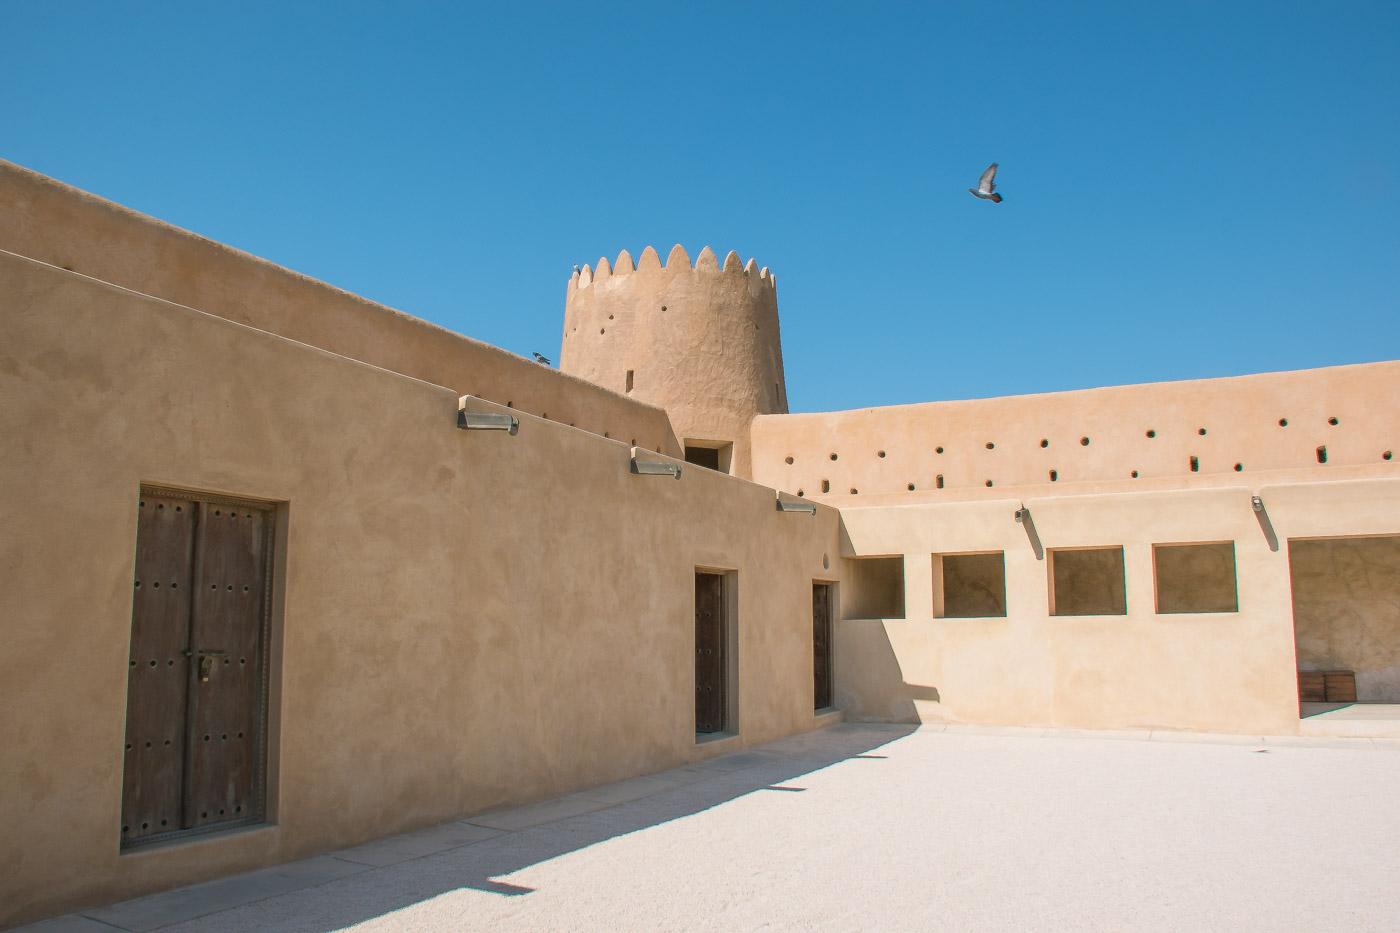 Qatar vakantie Al Zubara Fort Doha